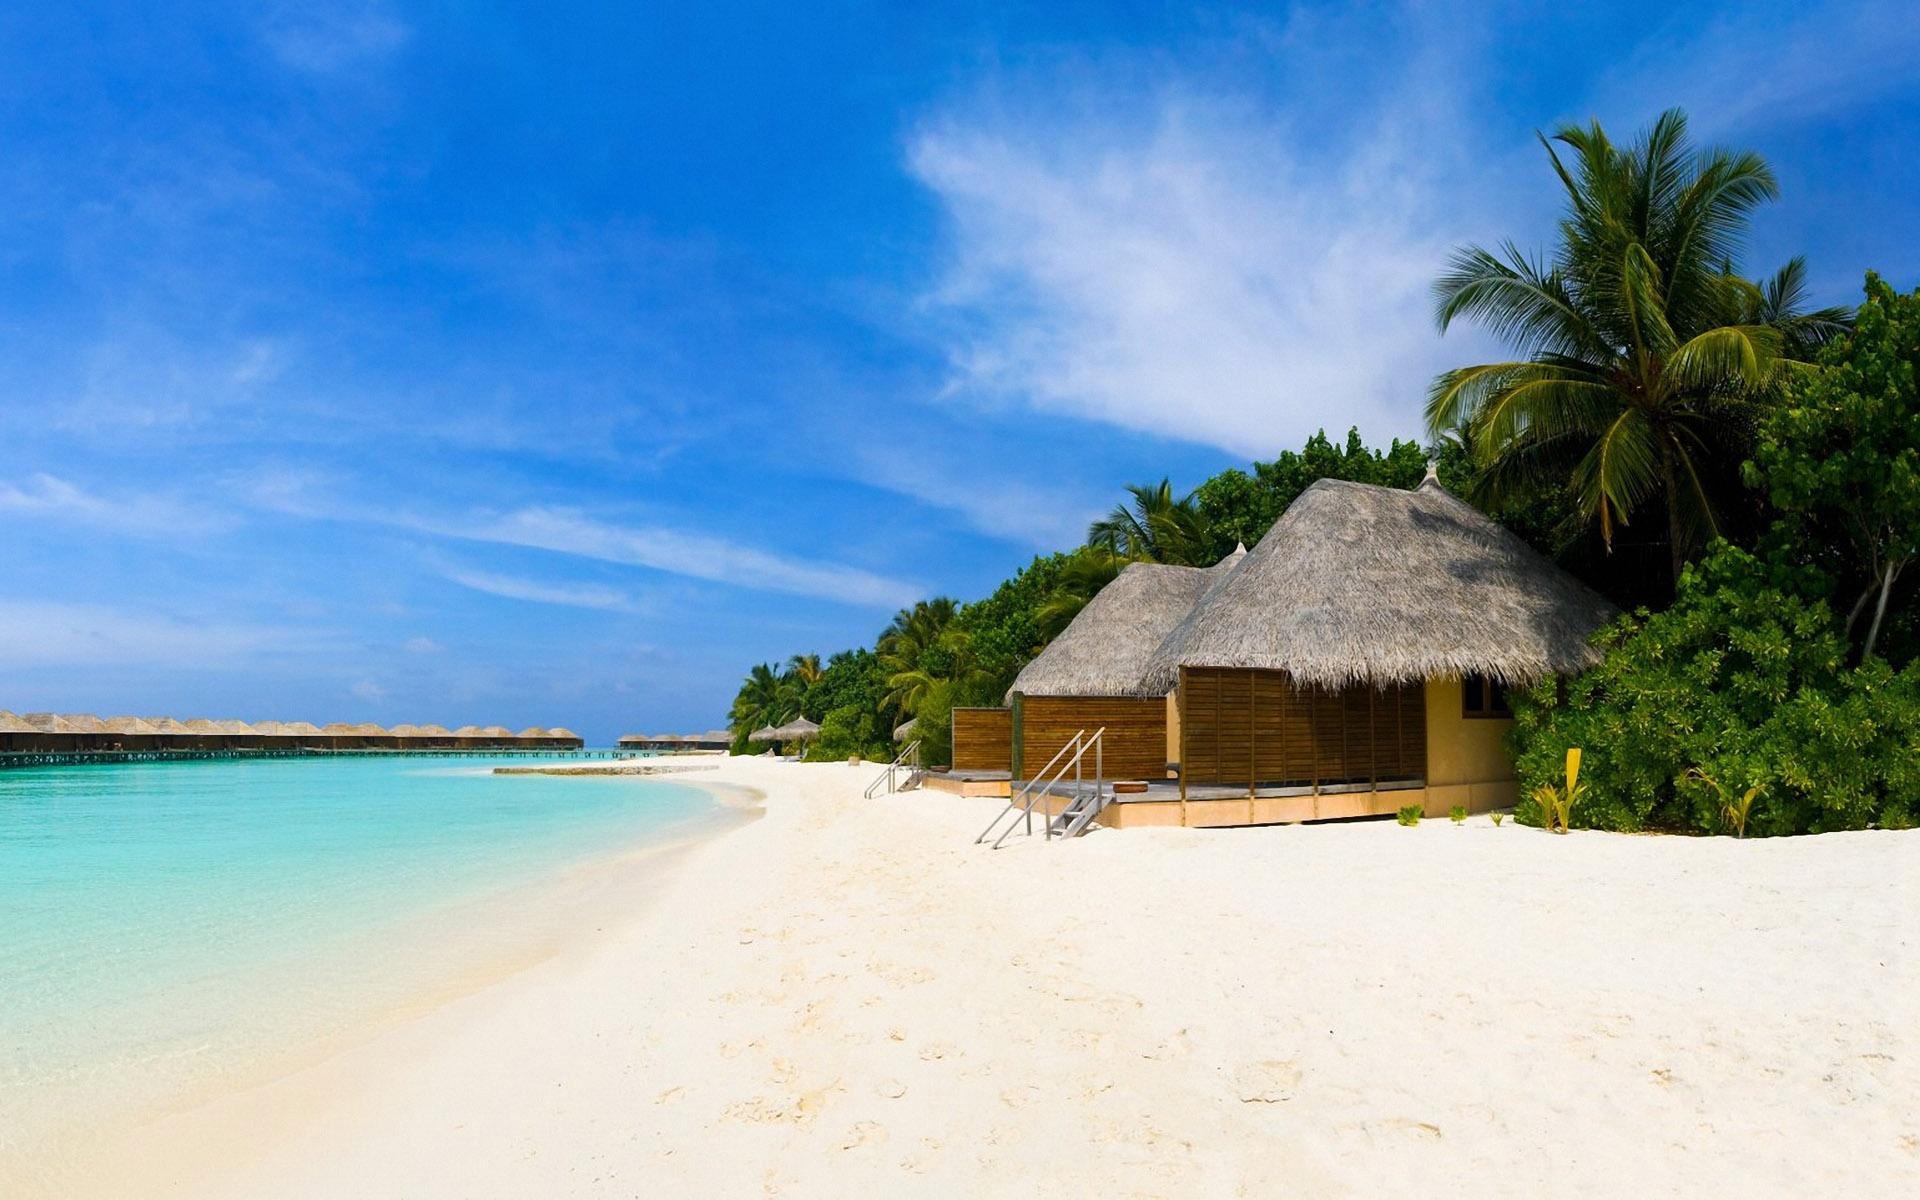 Wallpaper Scenic Beach Resort 1920x1200